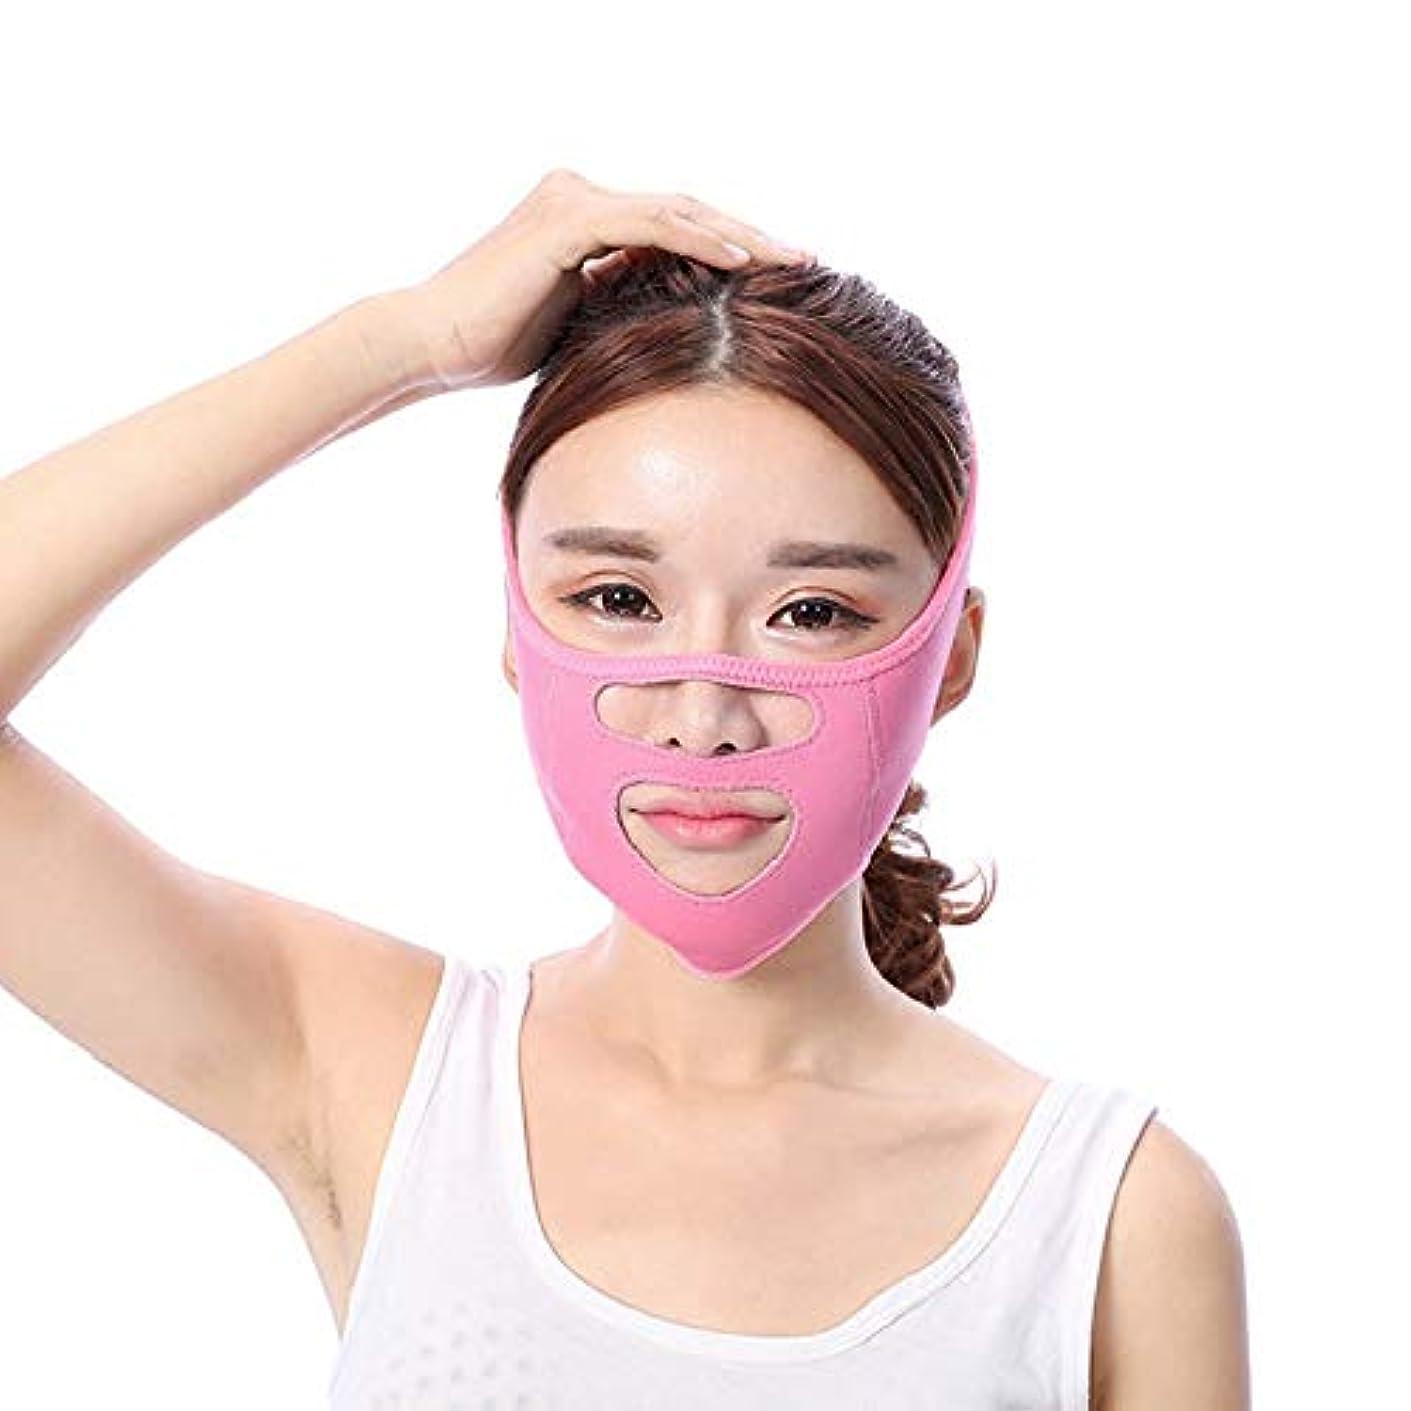 指令確かめるスクレーパーJia Jia- 顔の持ち上がる痩身ベルト - あなたの顔のための素晴らしいトレーニング二重あごのワークアウトフェイスマスクベルト薄い顔包帯整形マスクは顔と首を締めますフェイススリム 顔面包帯